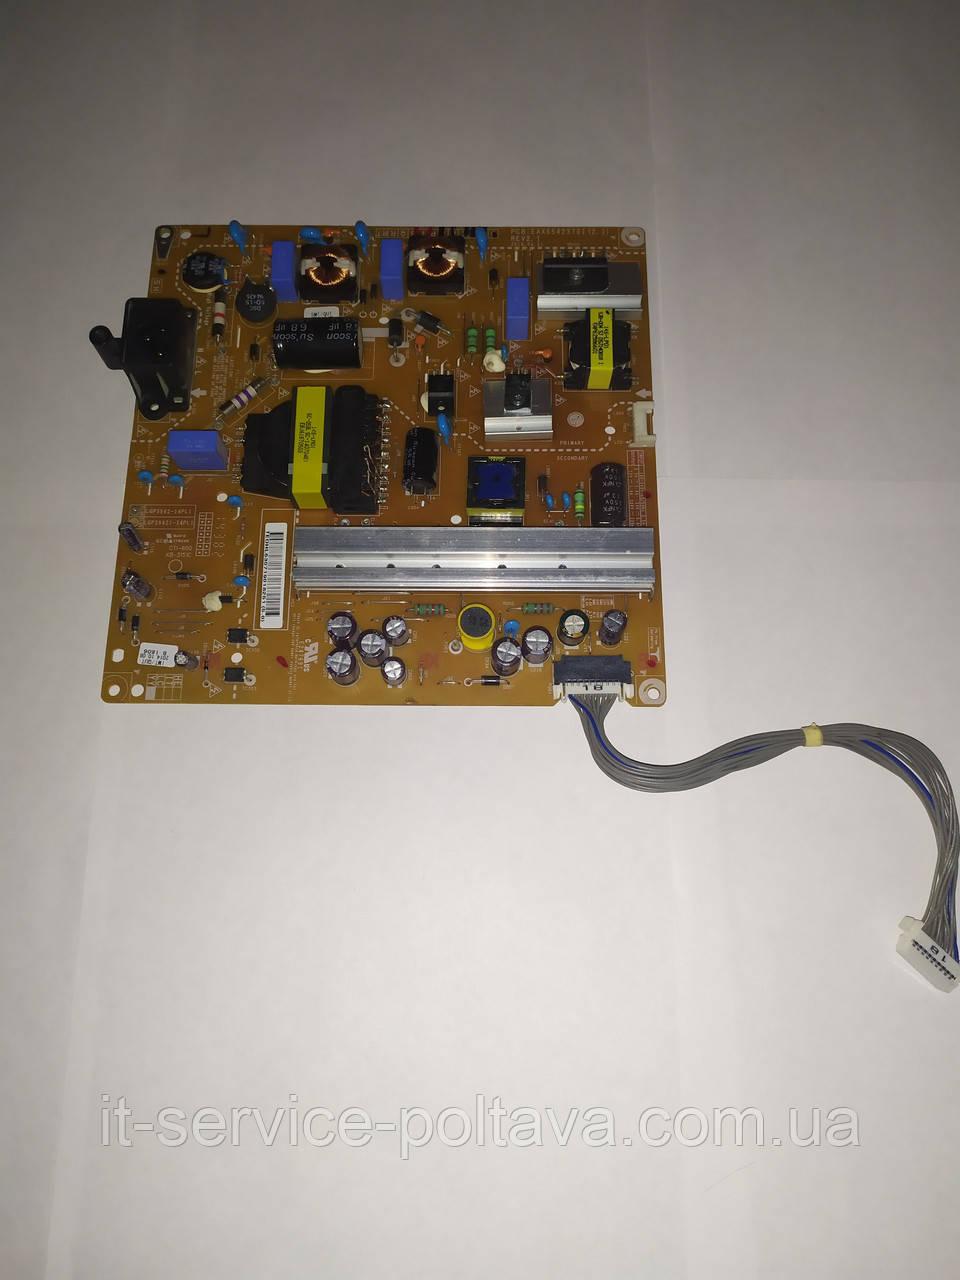 Блок живлення (Power BOARD) EAX65423701(2.1), LGP3942-14PL1 для телевізора LG